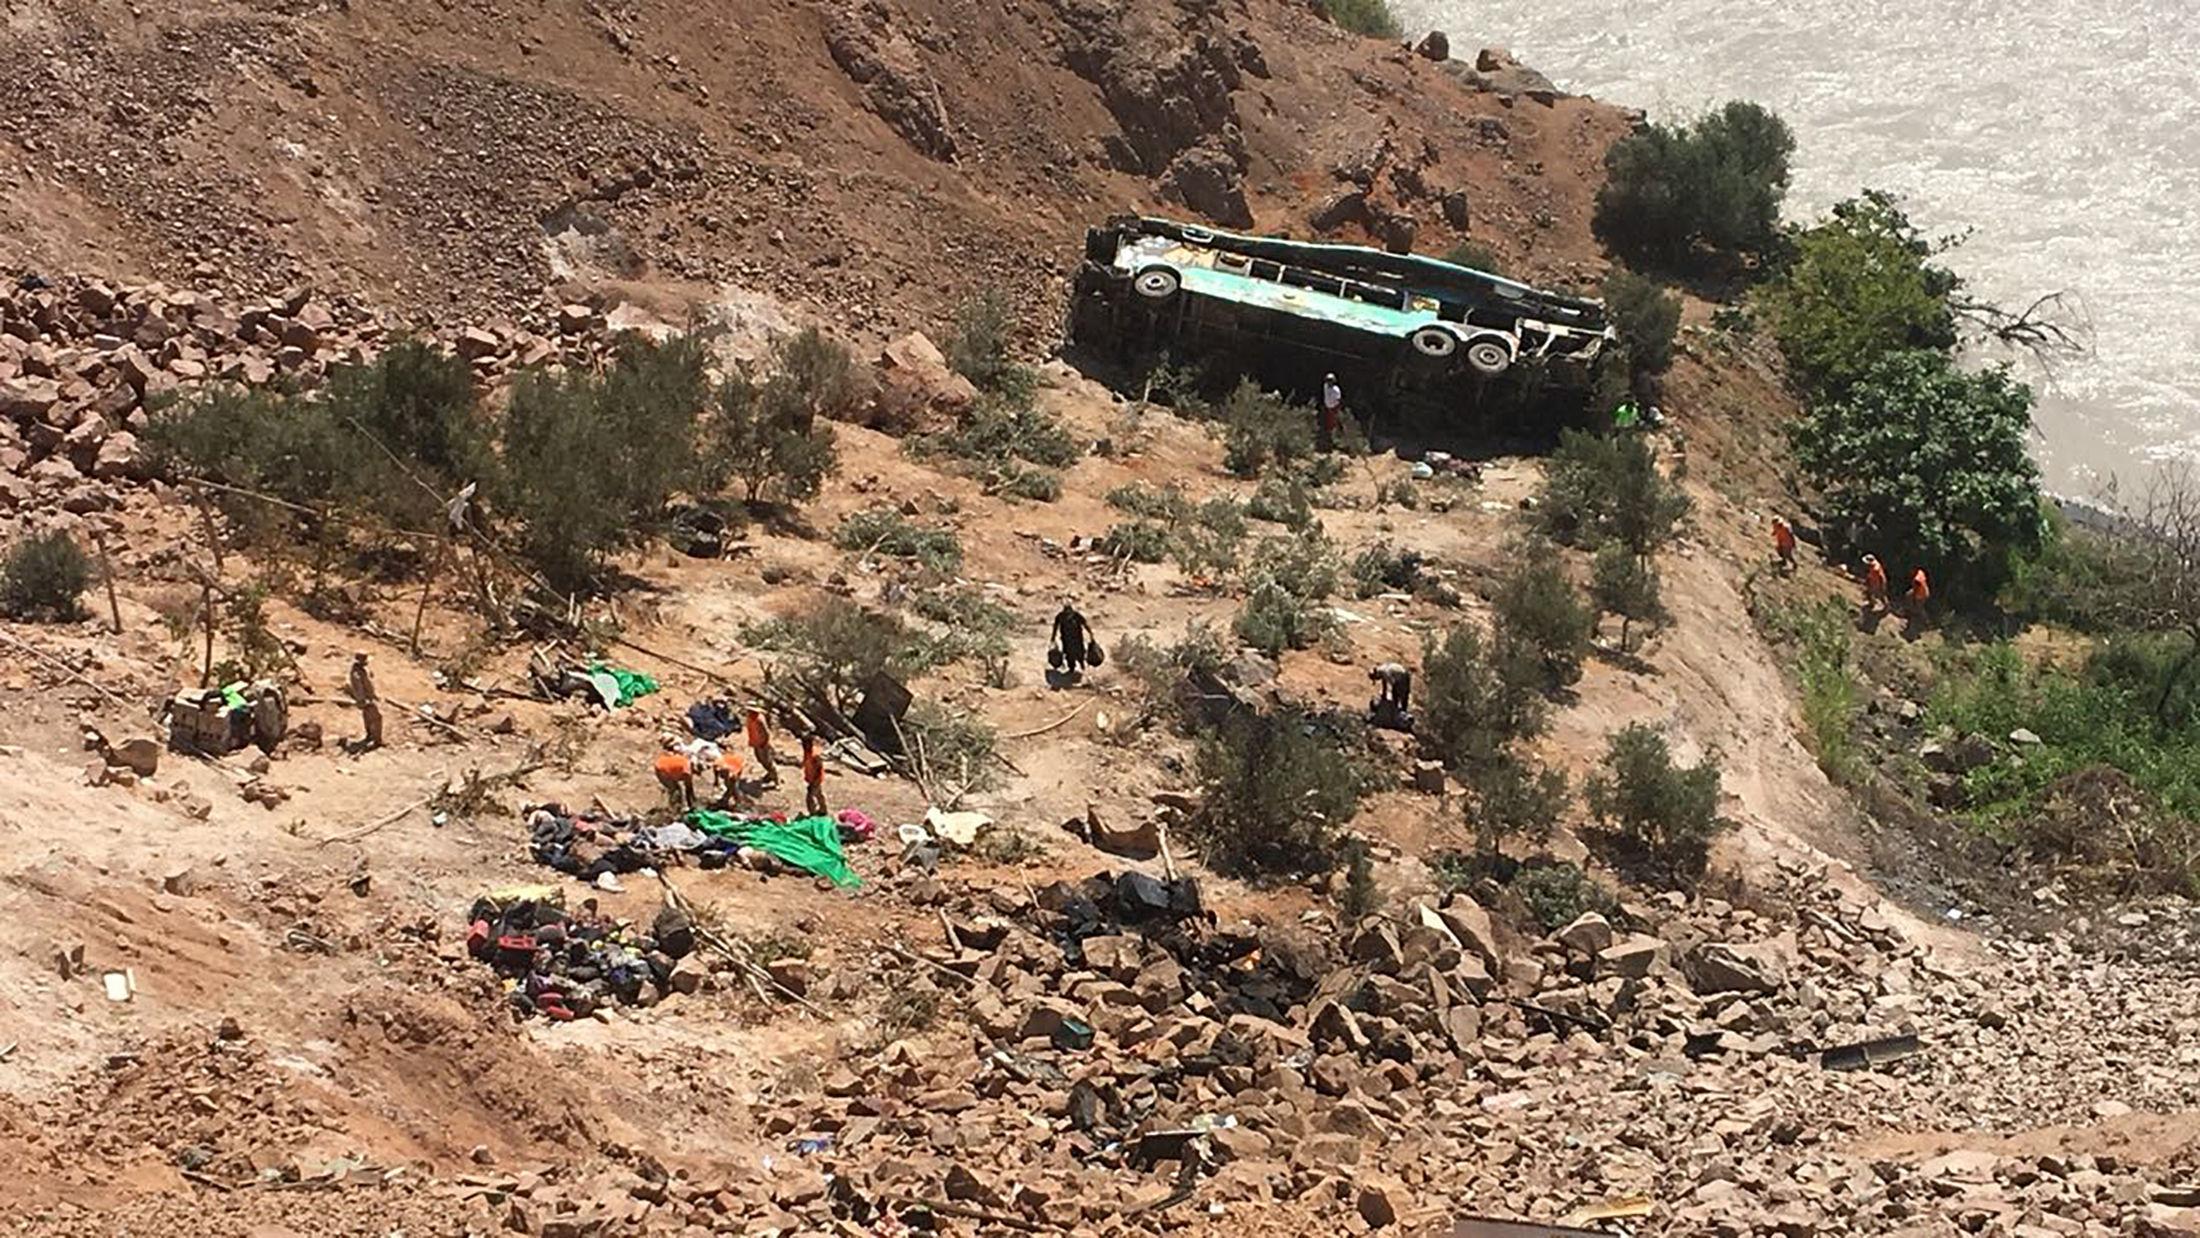 Autobús de dos pisos siniestrado tras caer por un barranco de camino a Arequipa, Perú